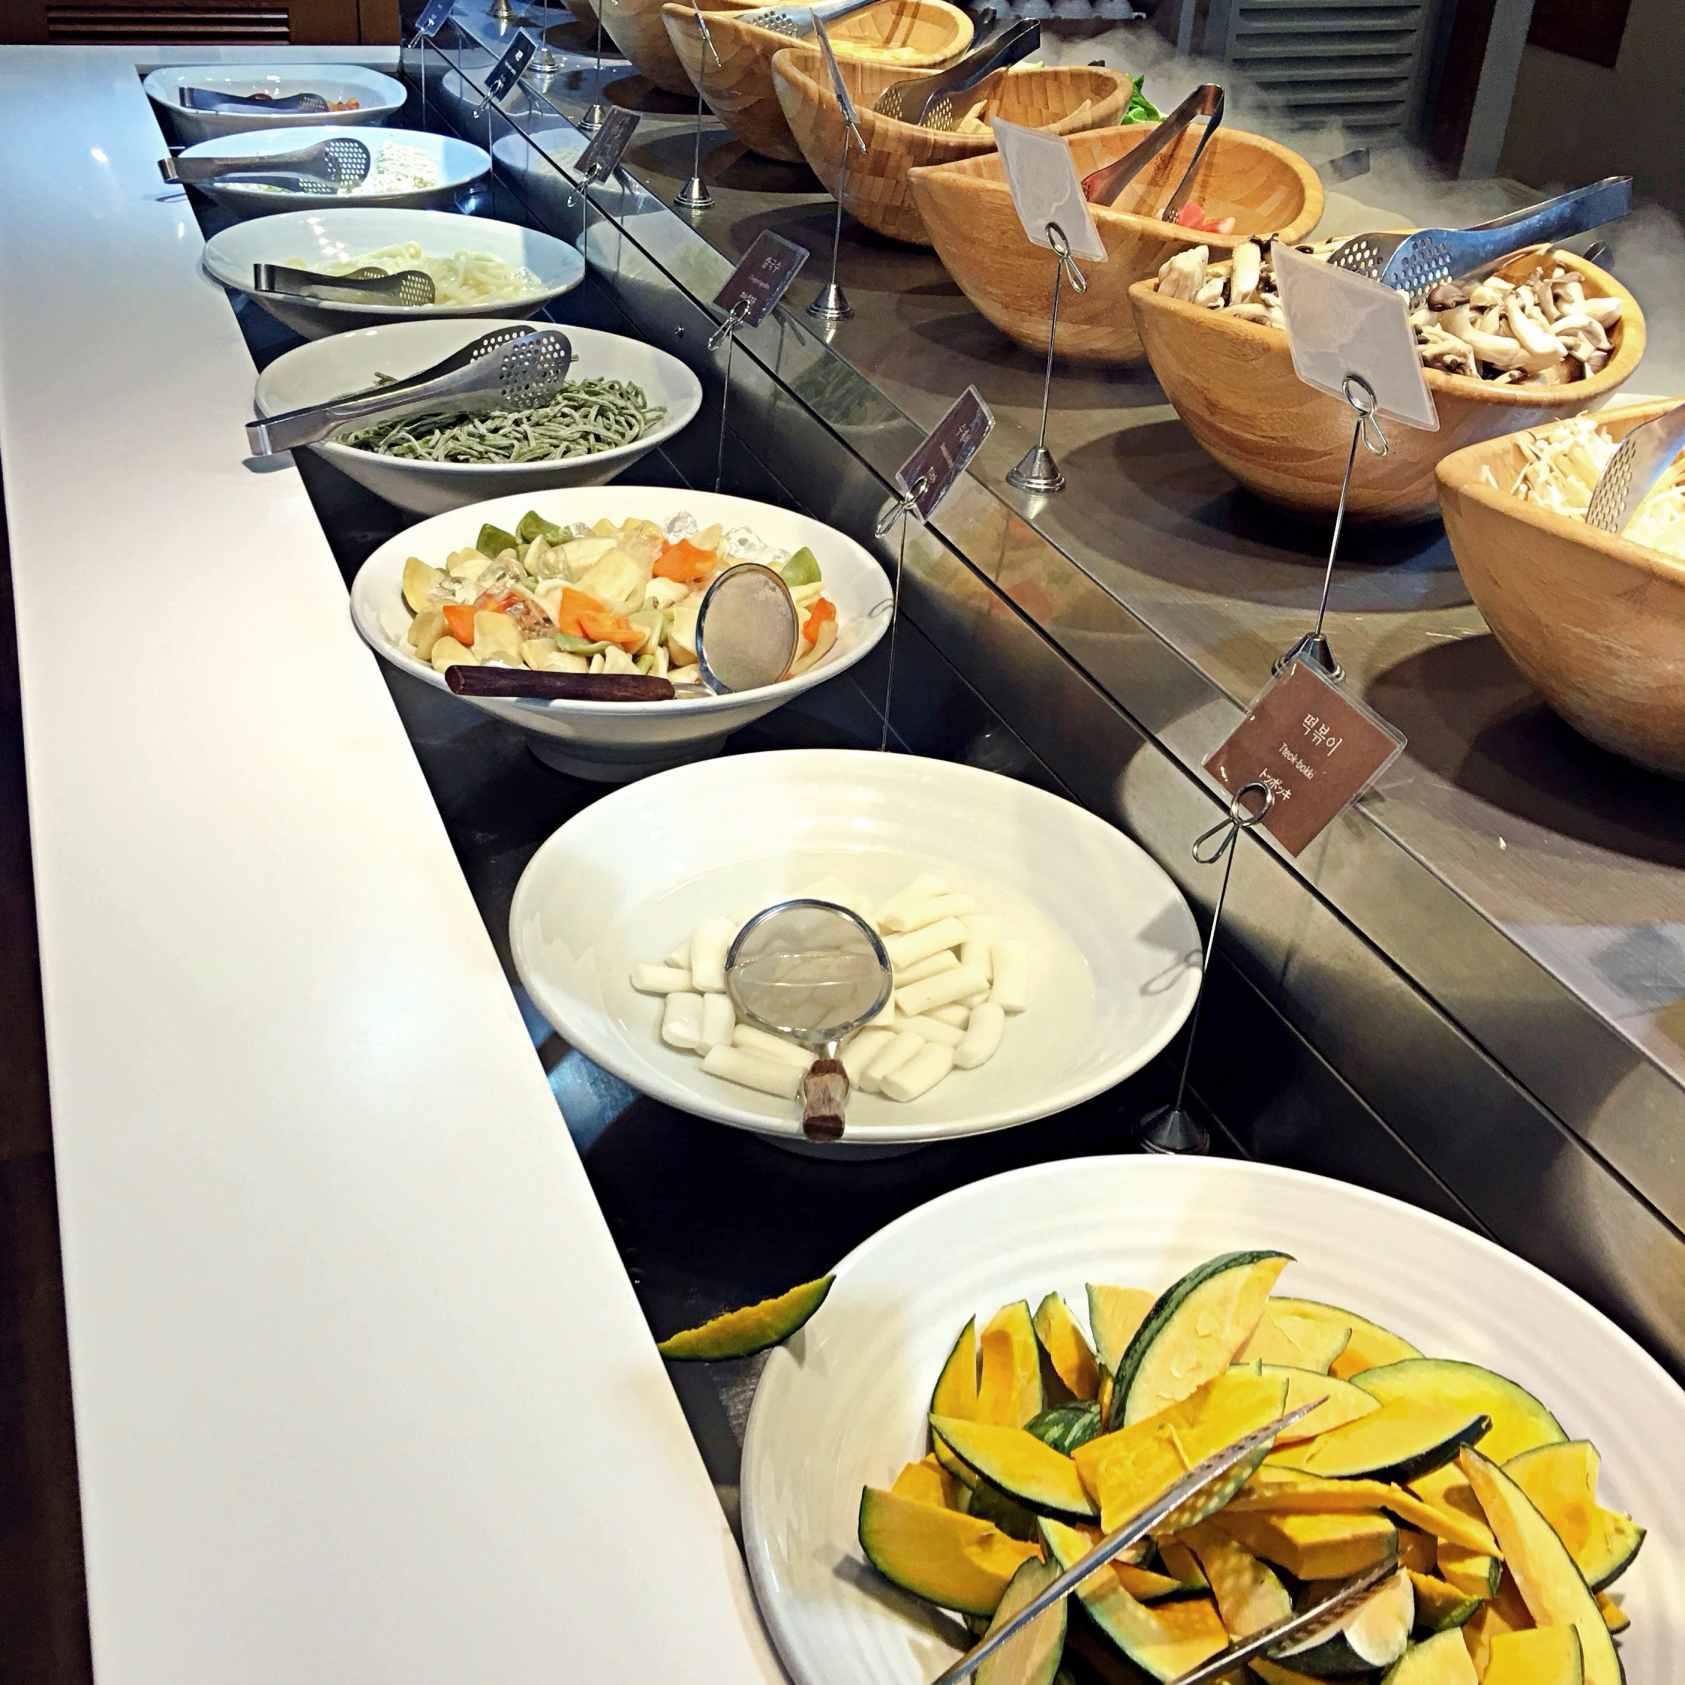 自助式的夾料區有南瓜、年糕、麵疙瘩、各式麵類可以選擇。